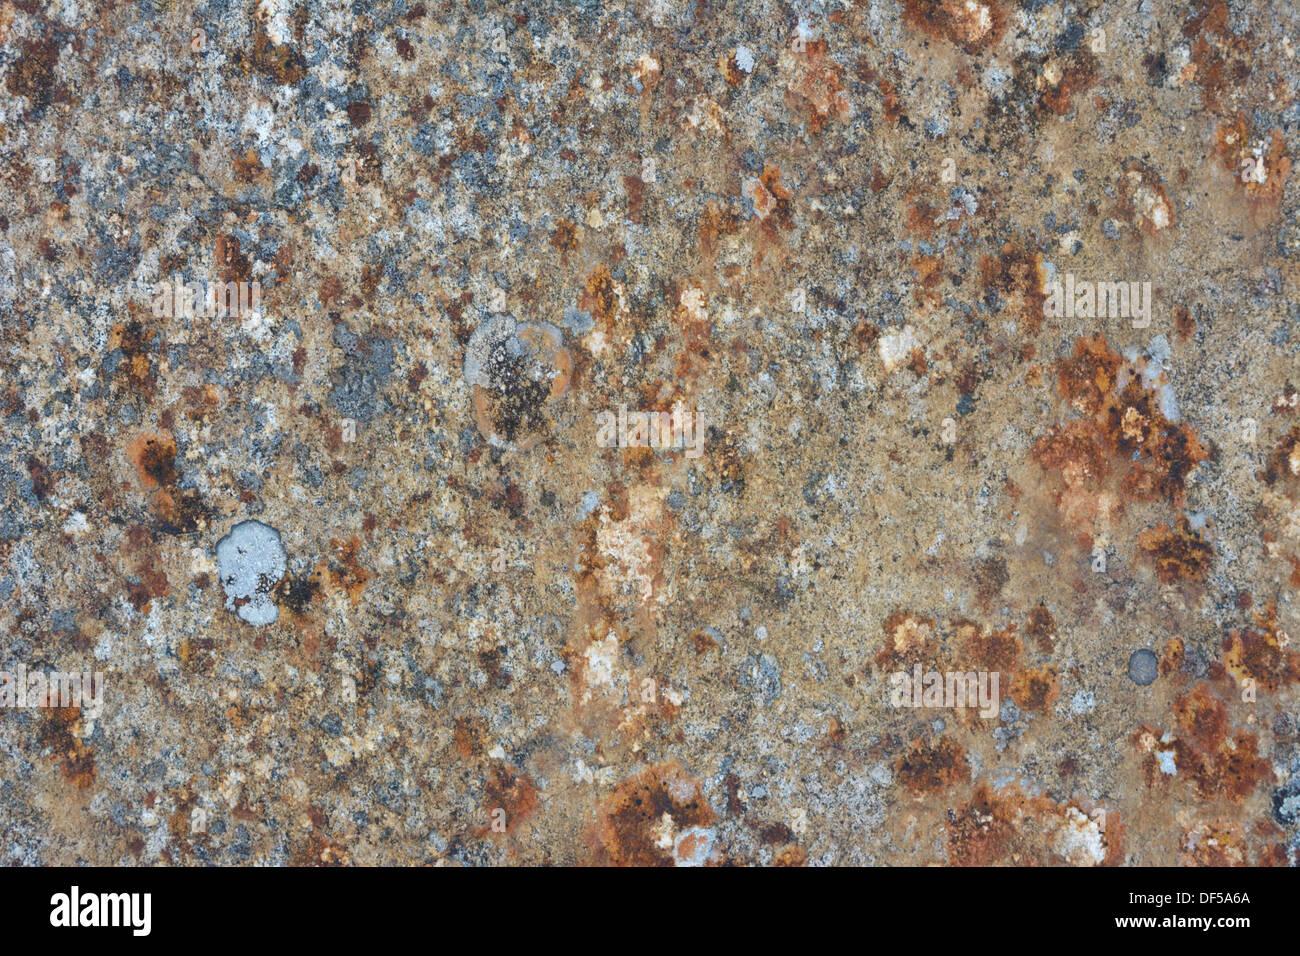 Rock-Texturen für Hintergründe ot Texturdateien. Stockbild